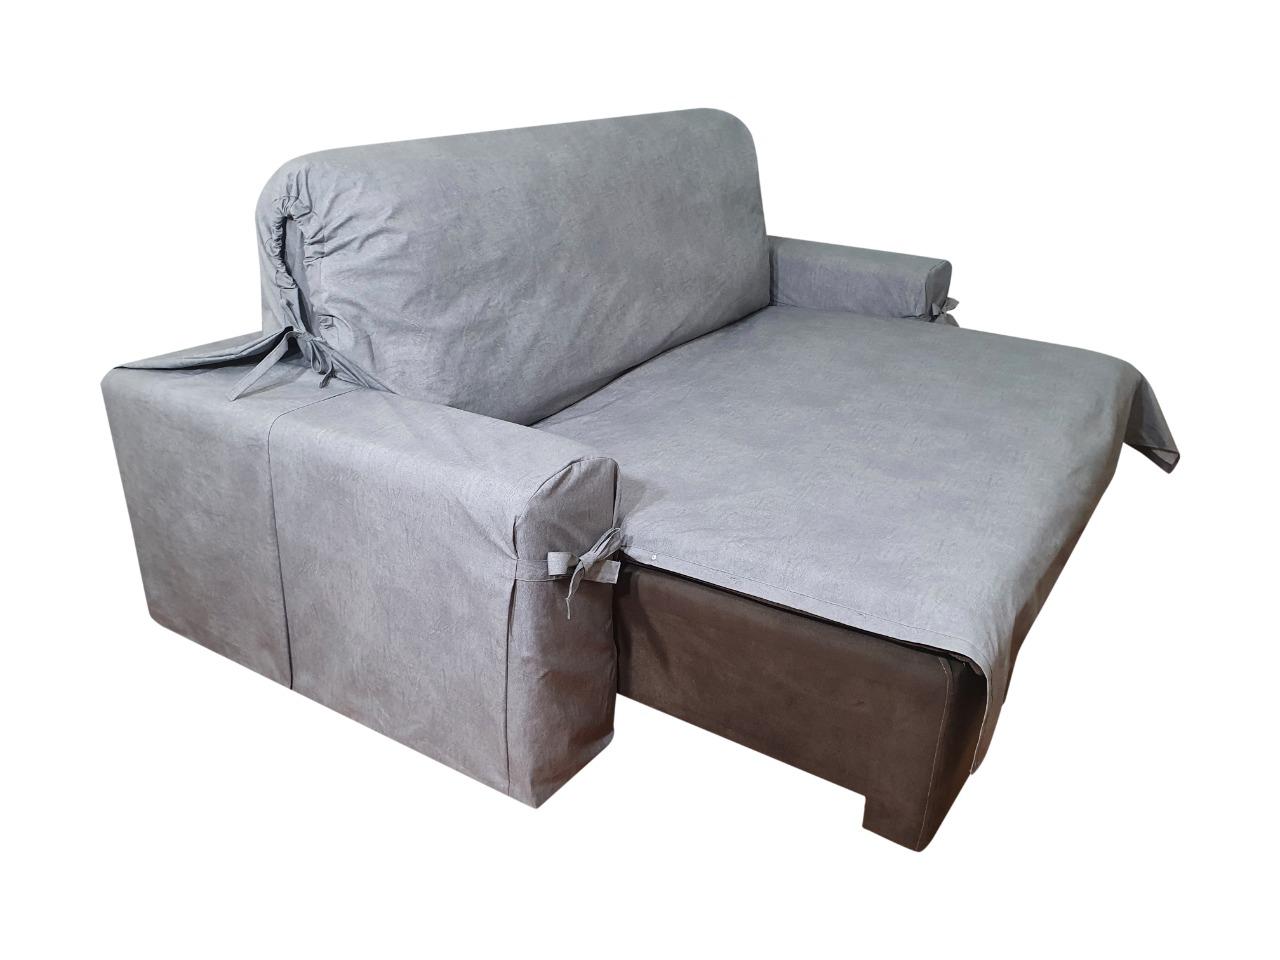 Capa p/ Sofá Retrátil e Reclinável em Acquablock Impermeável GRAFITE -  Veste sofás de 1,96m até 2,35m